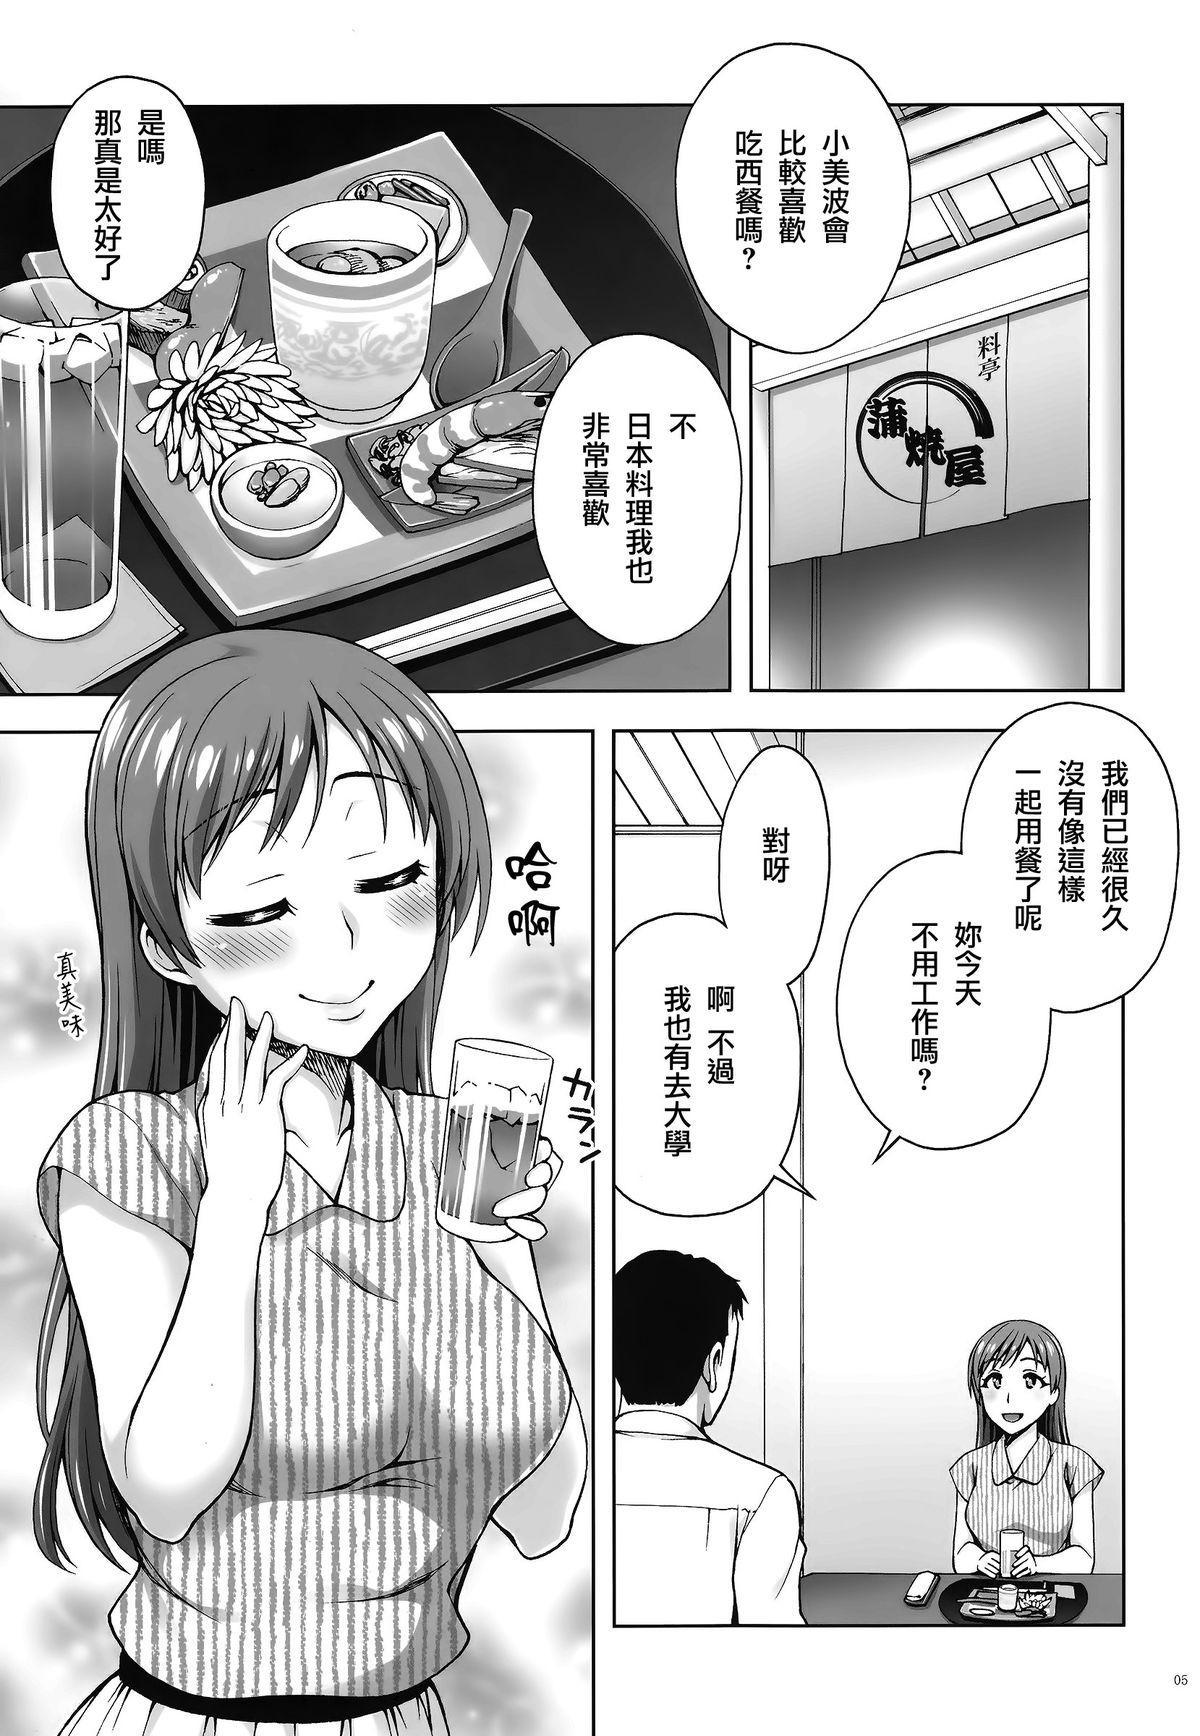 Kanojo no Sugao 3